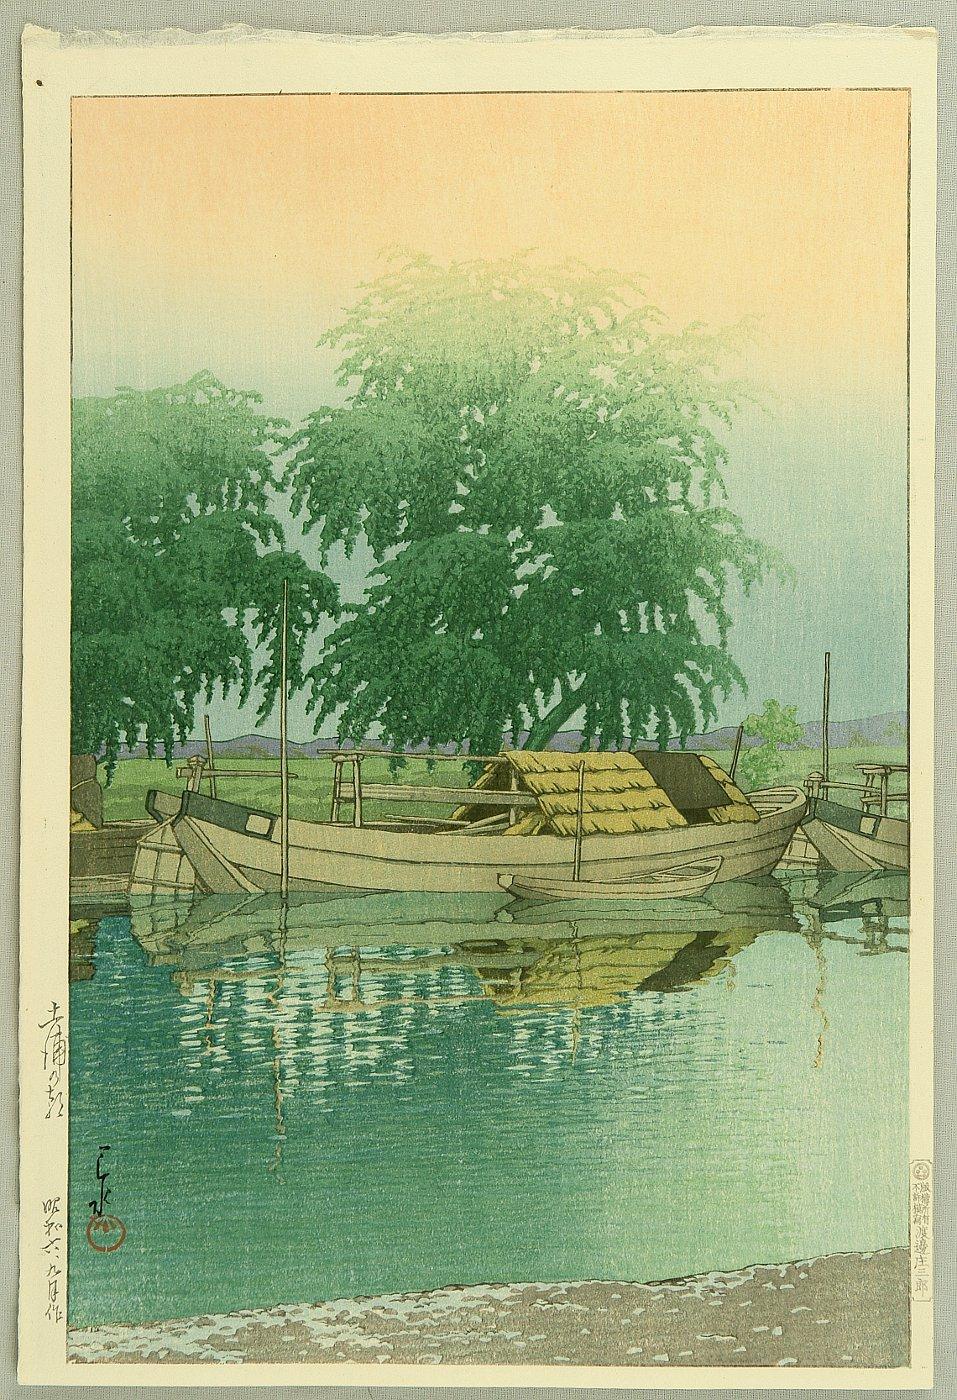 """Кавасэ Хасуй, """"Утро в Цутиуре"""" (Morning in Tsuchiura), 1931."""